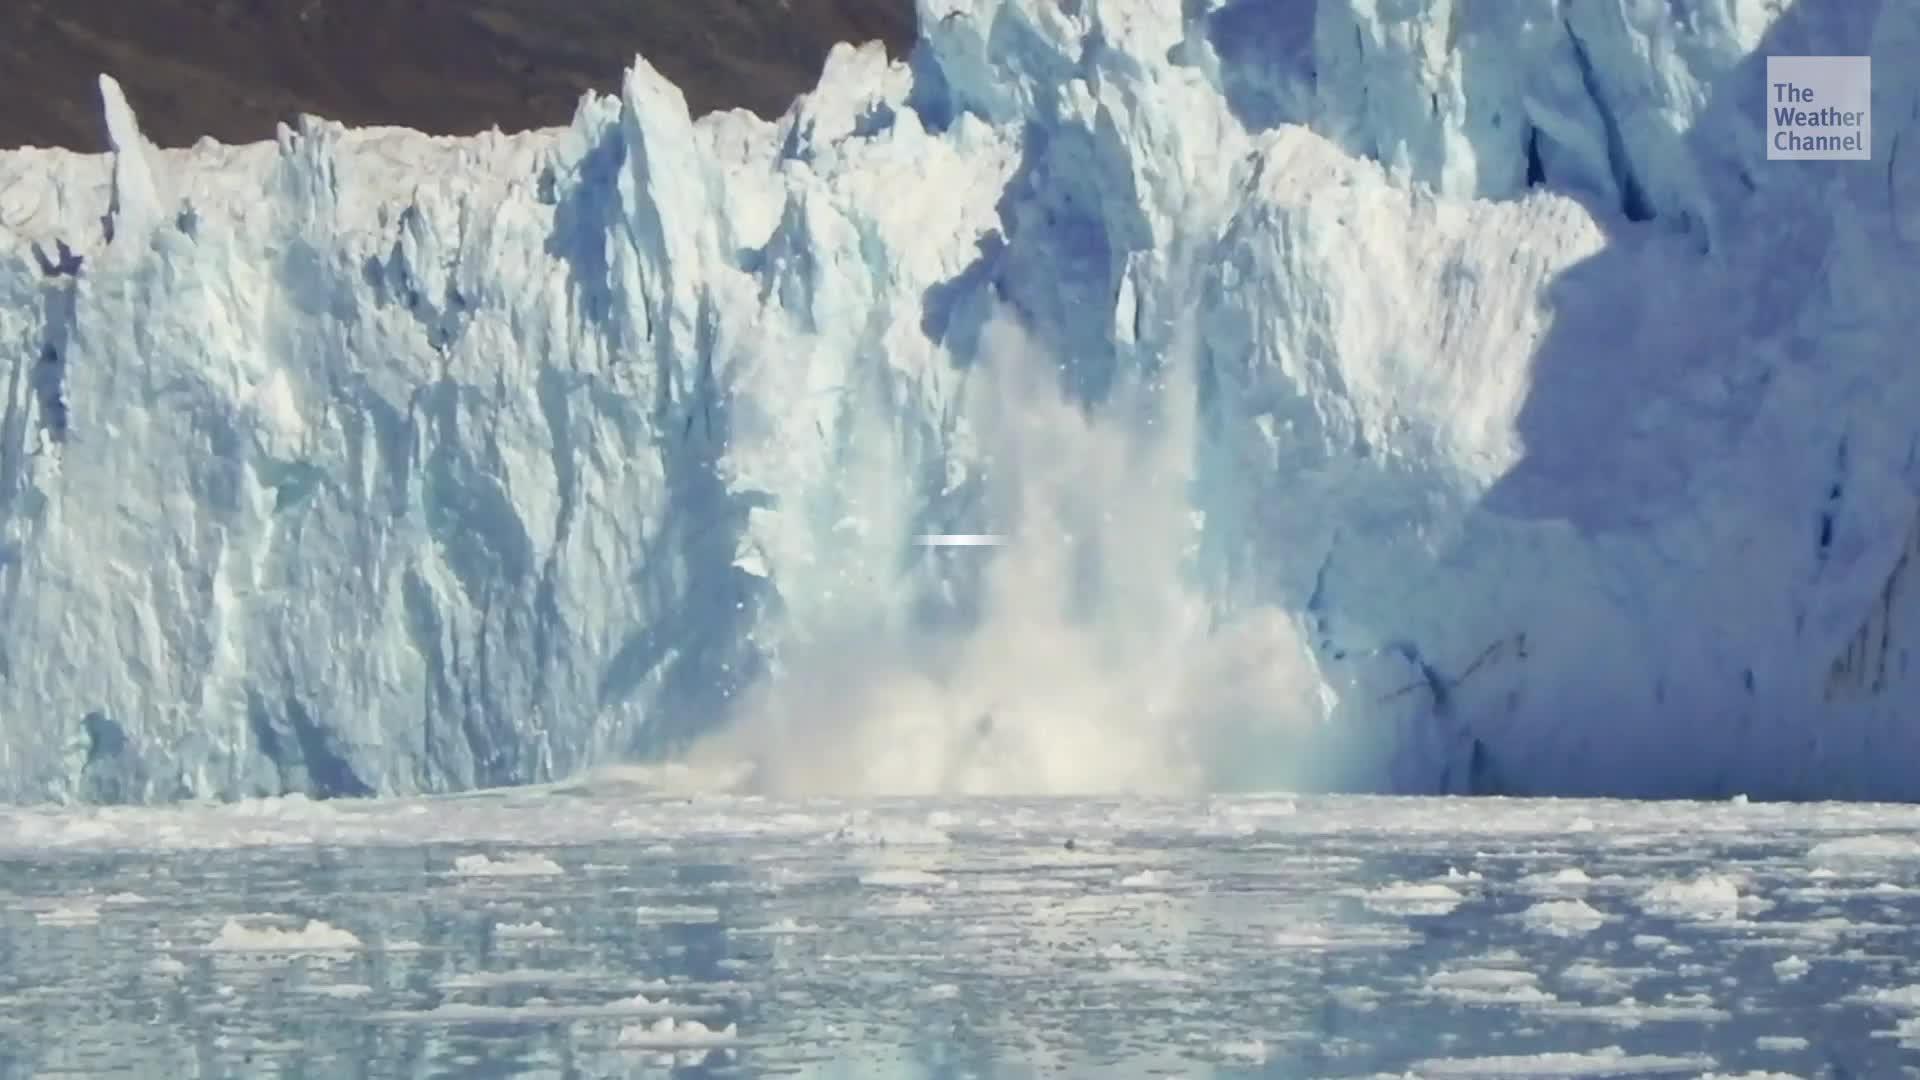 Los científicos dicen que las capas de hielo alrededor de Groenlandia y en el Océano Ártico se están derritiendo temprano y en gran escala, y el derretimiento del hielo de este año podría superar los registros anteriores.